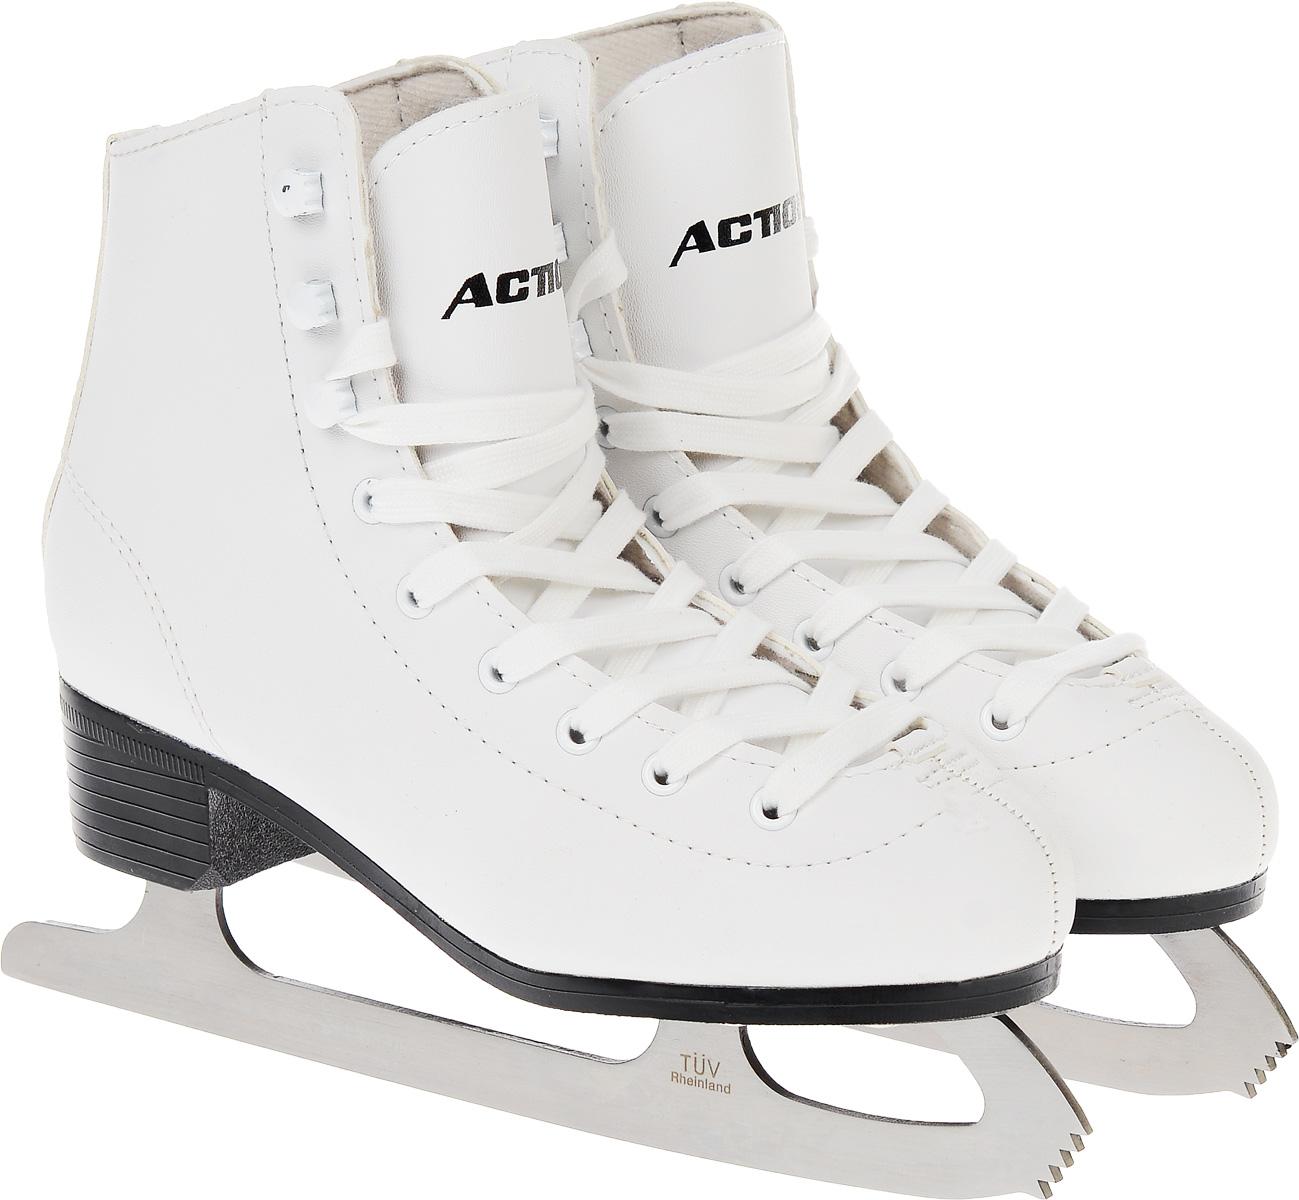 Коньки фигурные женские Action Sporting Goods, цвет: белый. PW-215. Размер 39PW-215_белый_39Высокий классический ботинок идеально подойдет для любительского катания. Модель снабжена системой быстрой шнуровки и поддержкой голеностопа. Верх ботинка выполнен из высококачественной искусственной кожи, подошва - твердый пластик.Лезвие изготовлено из нержавеющей стали со специальным покрытием, придающим дополнительную прочность.